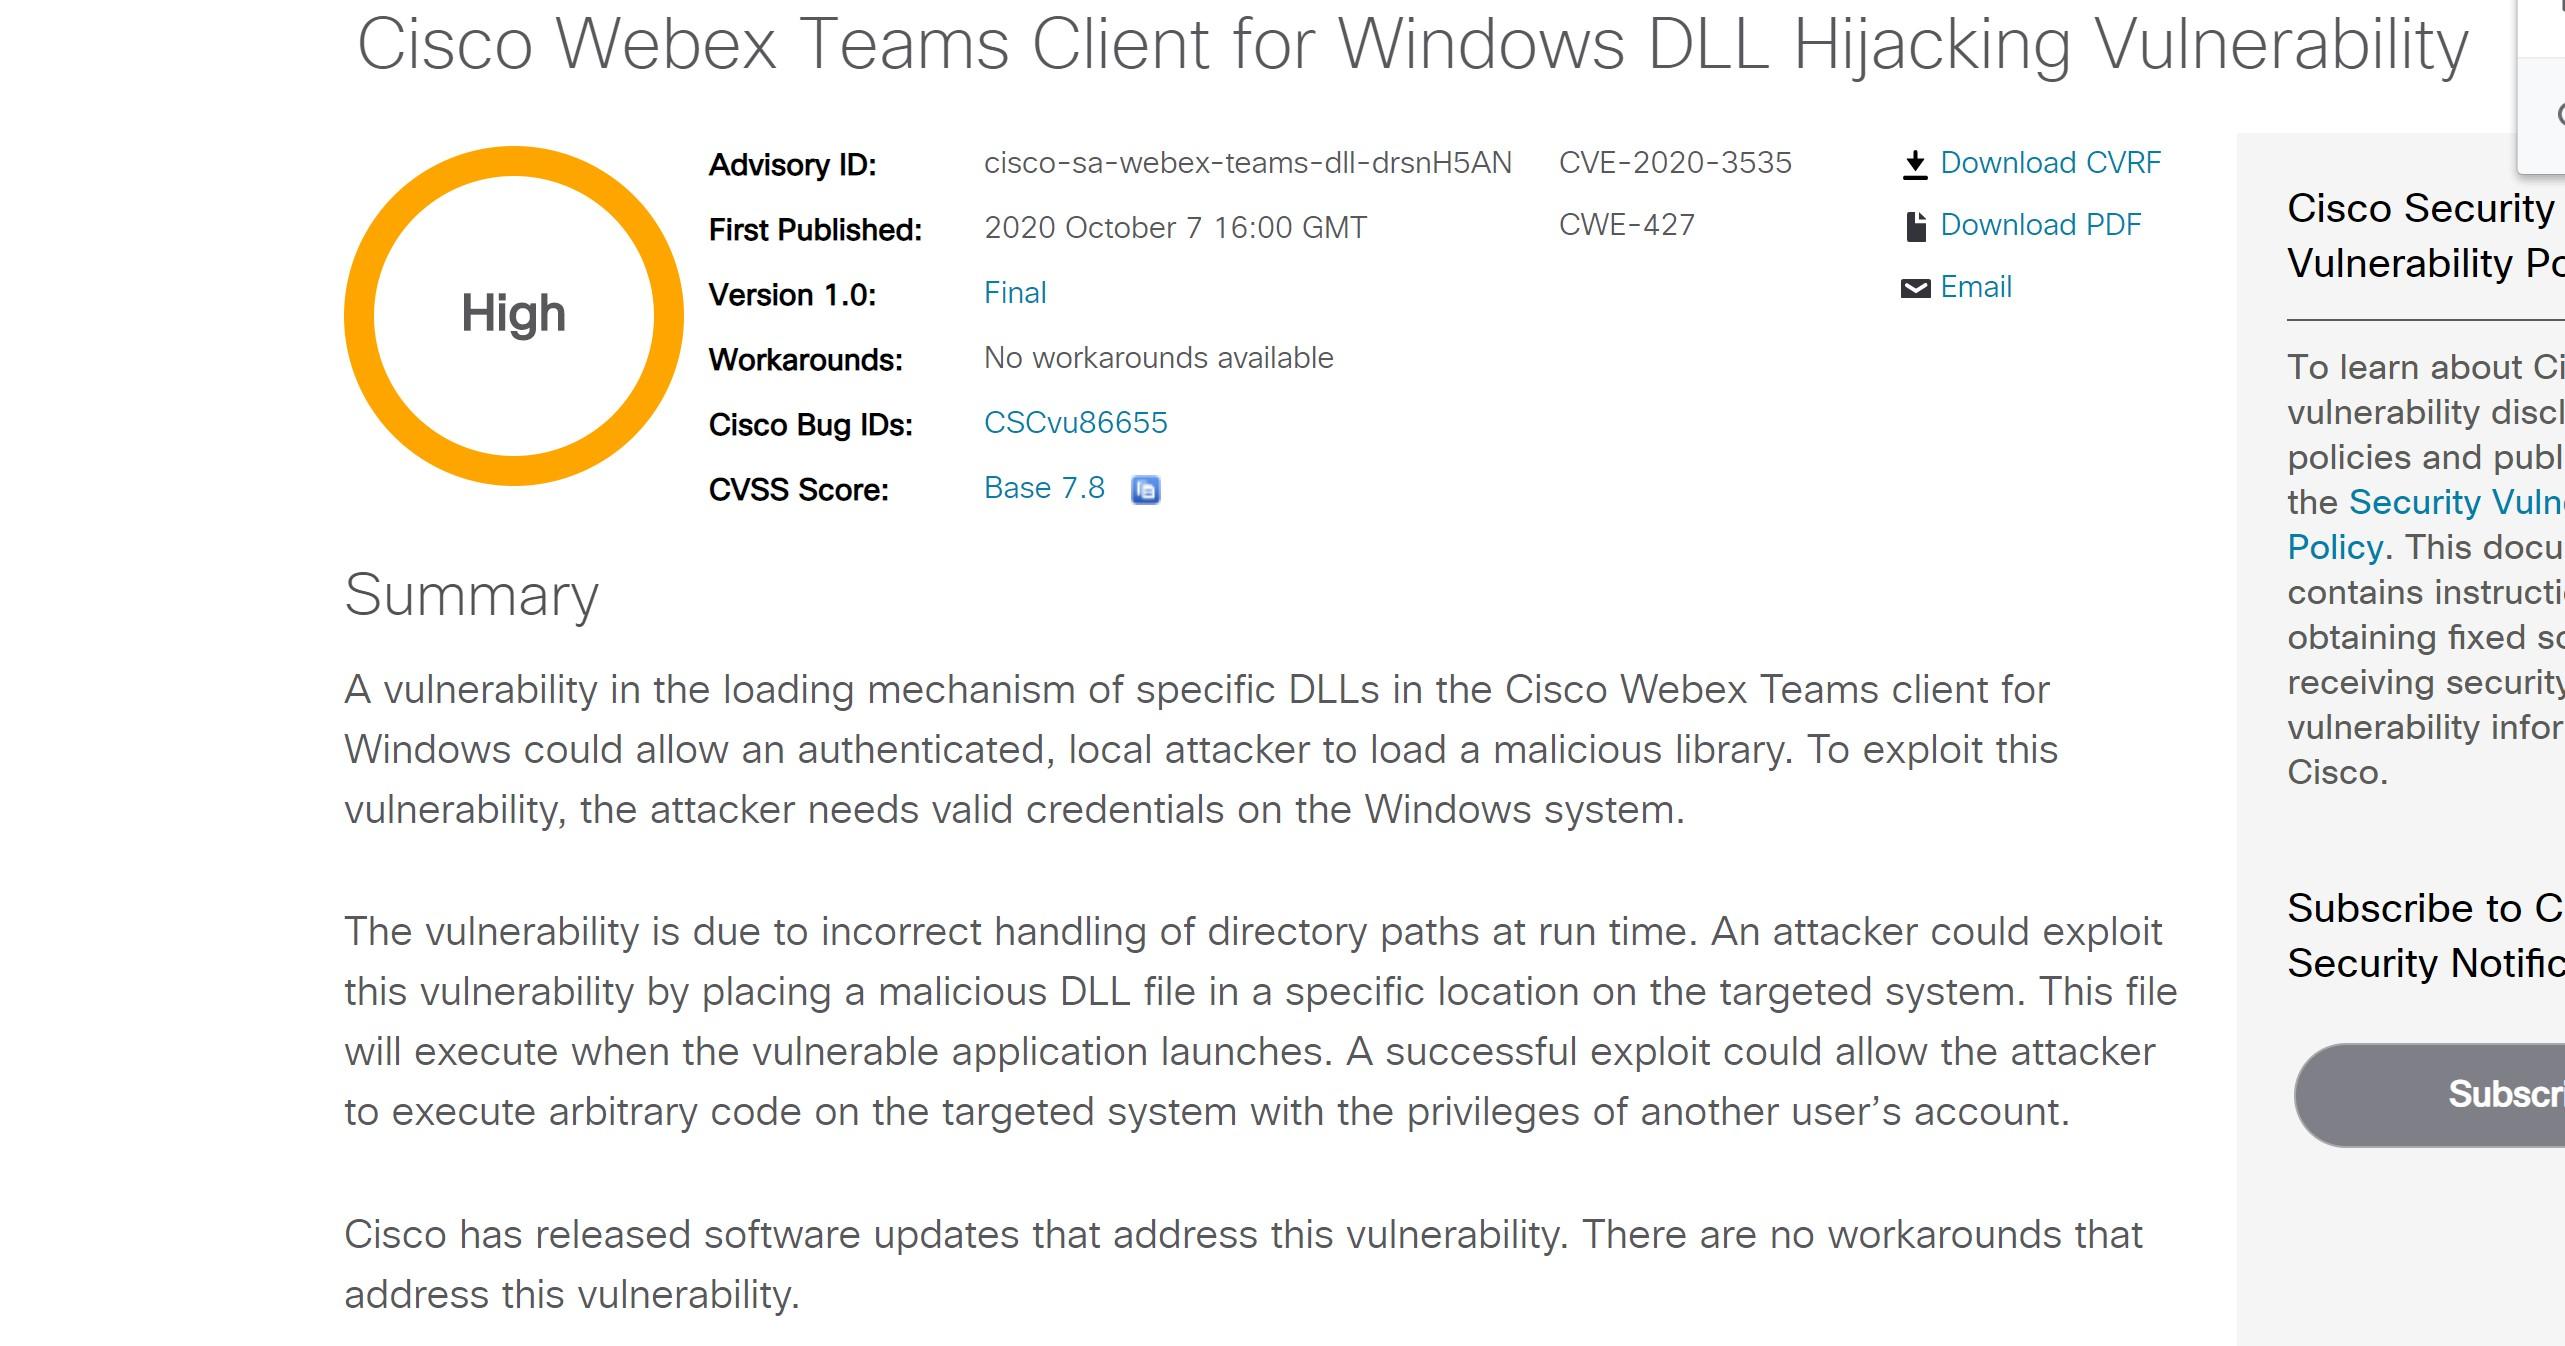 360独家发现Cisco Webex Teams DLL劫持漏洞,获Cisco官方致谢